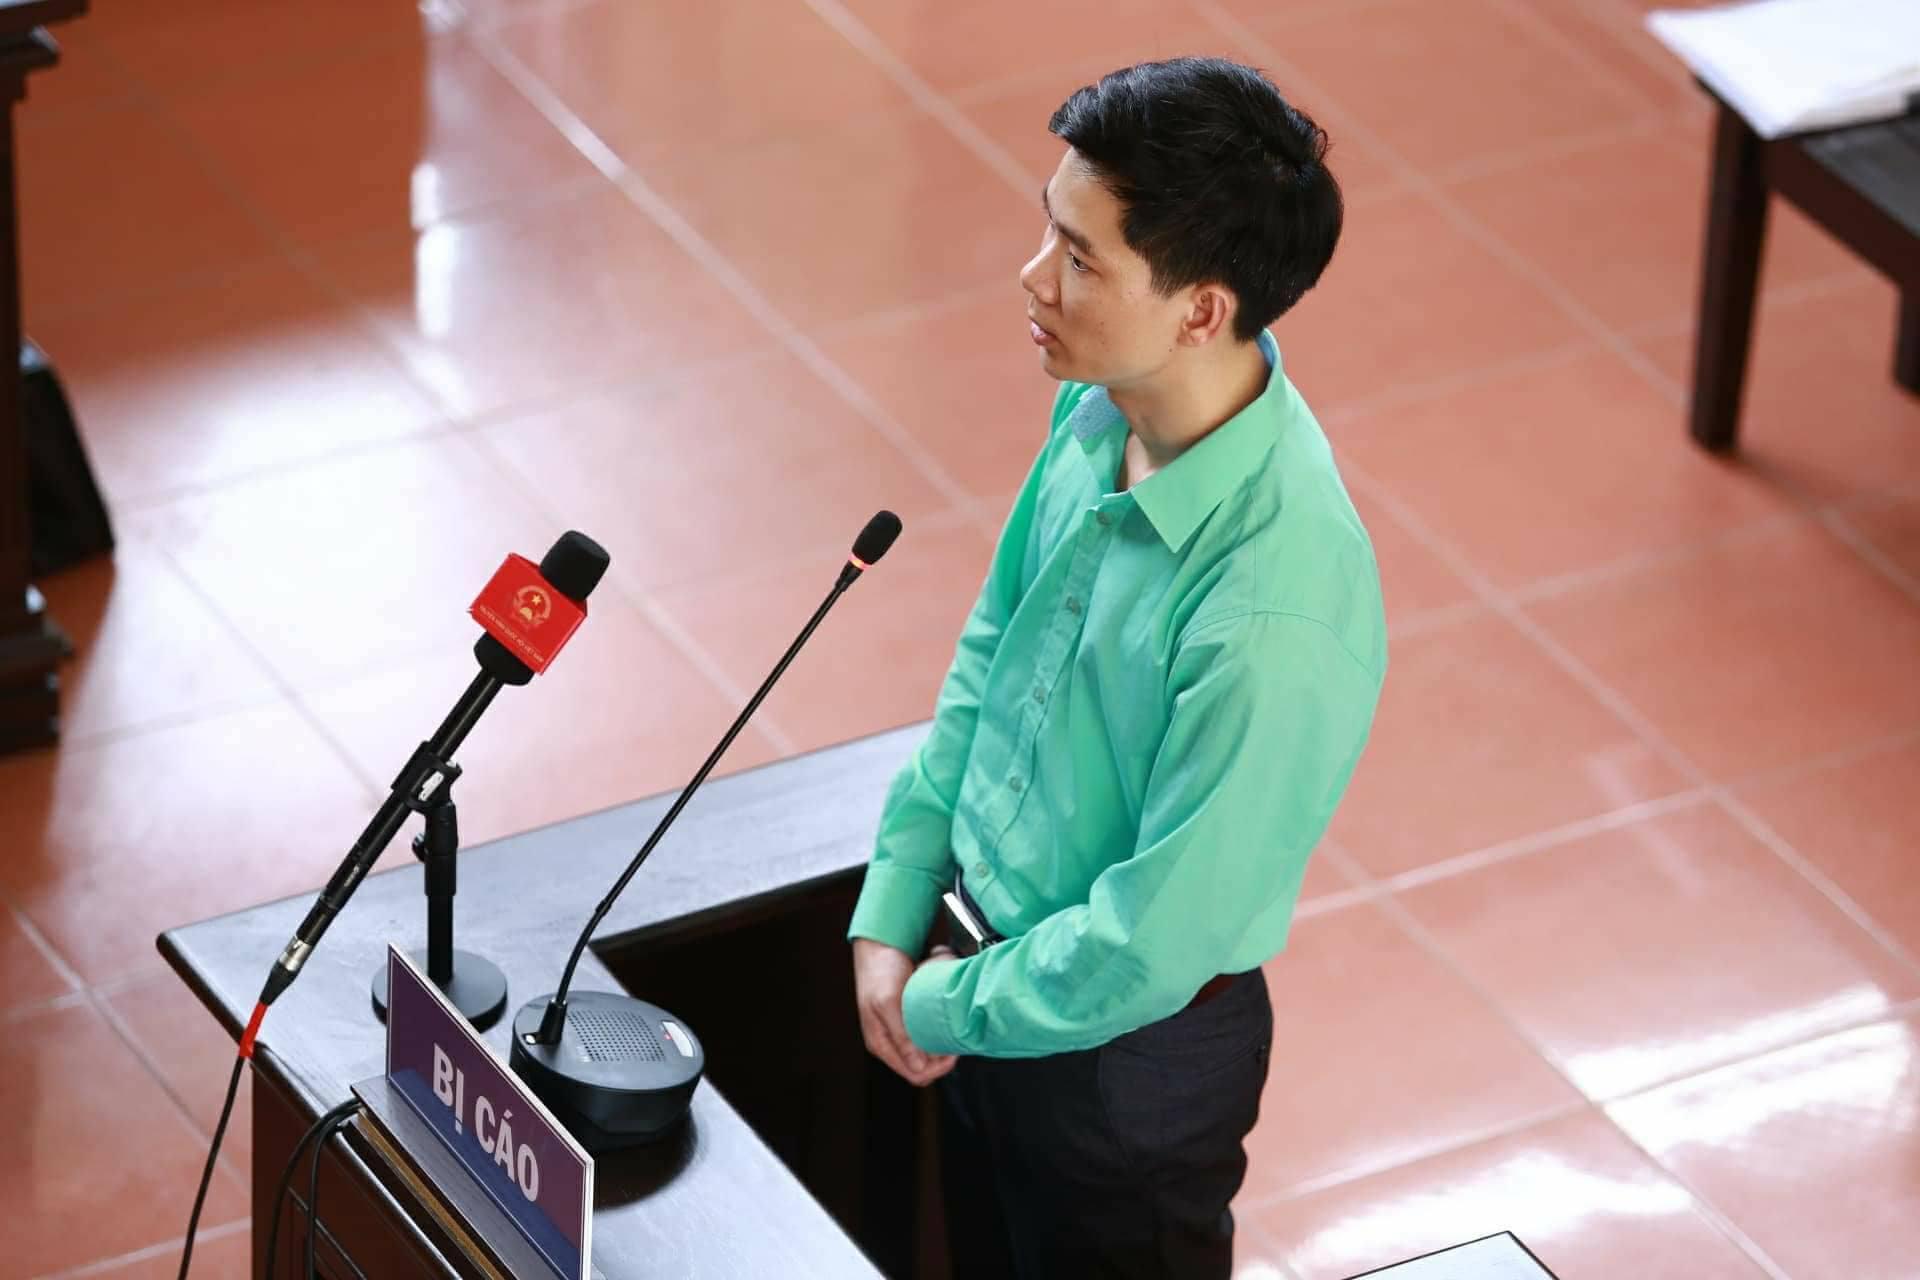 Bác sĩ Hoàng Công Lương lý giải việc mặc áo xanh suốt 3 ngày dự tòa - 1